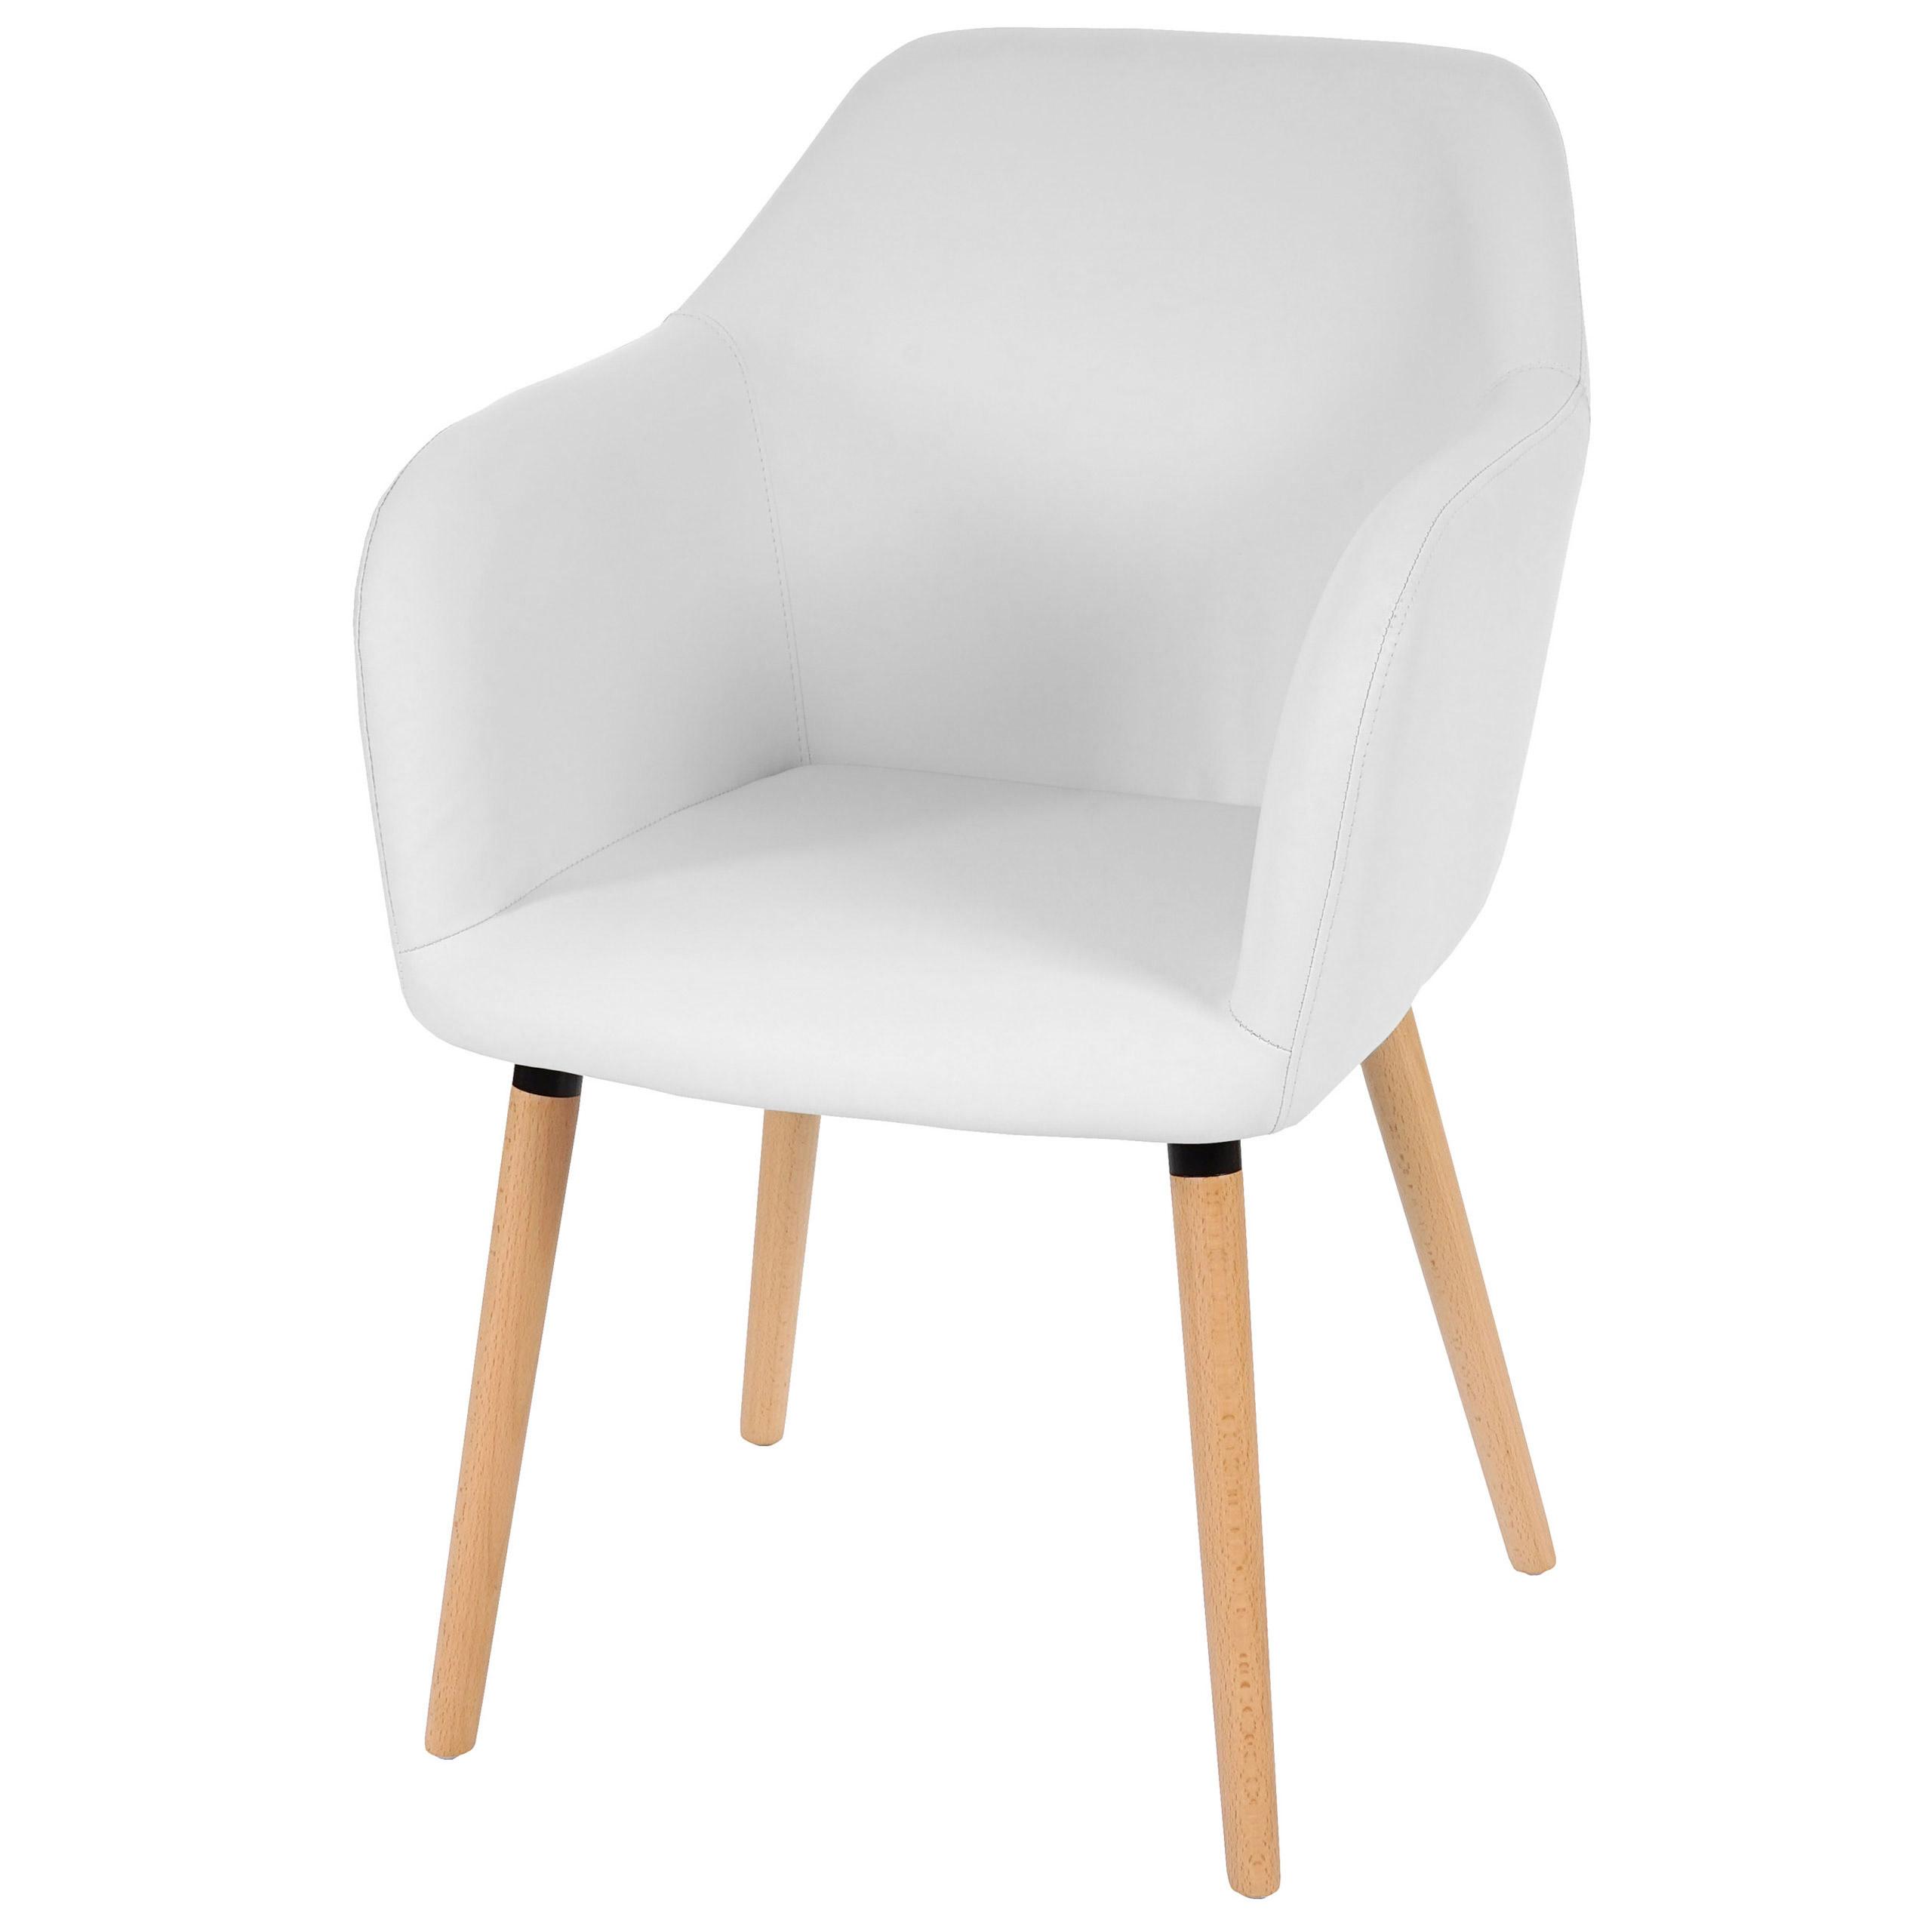 esszimmerstuhl malm t381 stuhl lehnstuhl retro 50er jahre design kunstleder wei. Black Bedroom Furniture Sets. Home Design Ideas